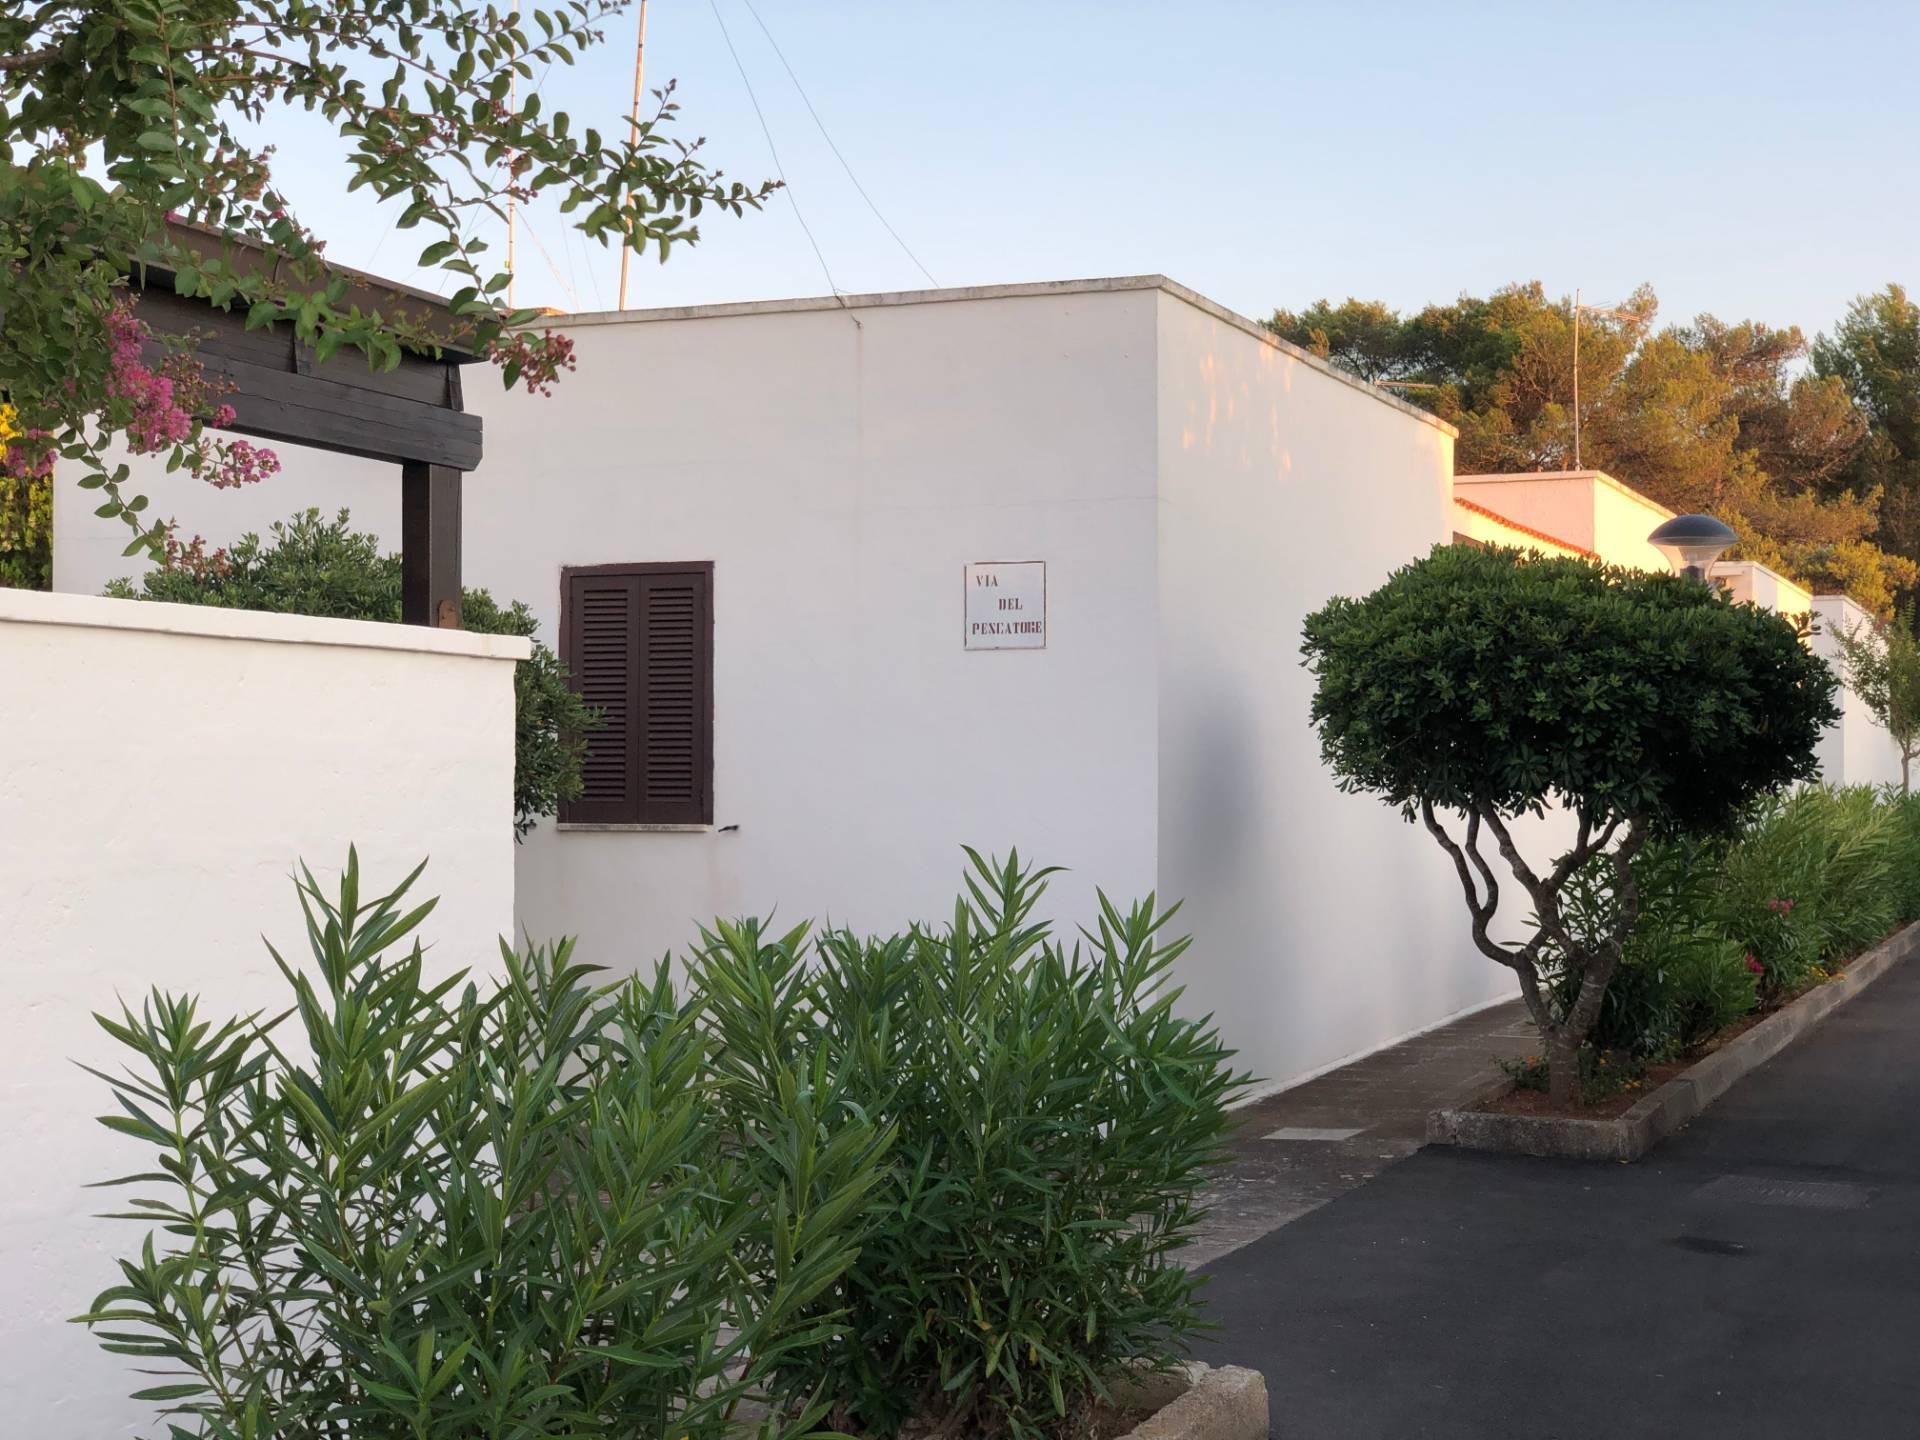 Casa indipendente in Vendita a Otranto: 4 locali, 110 mq